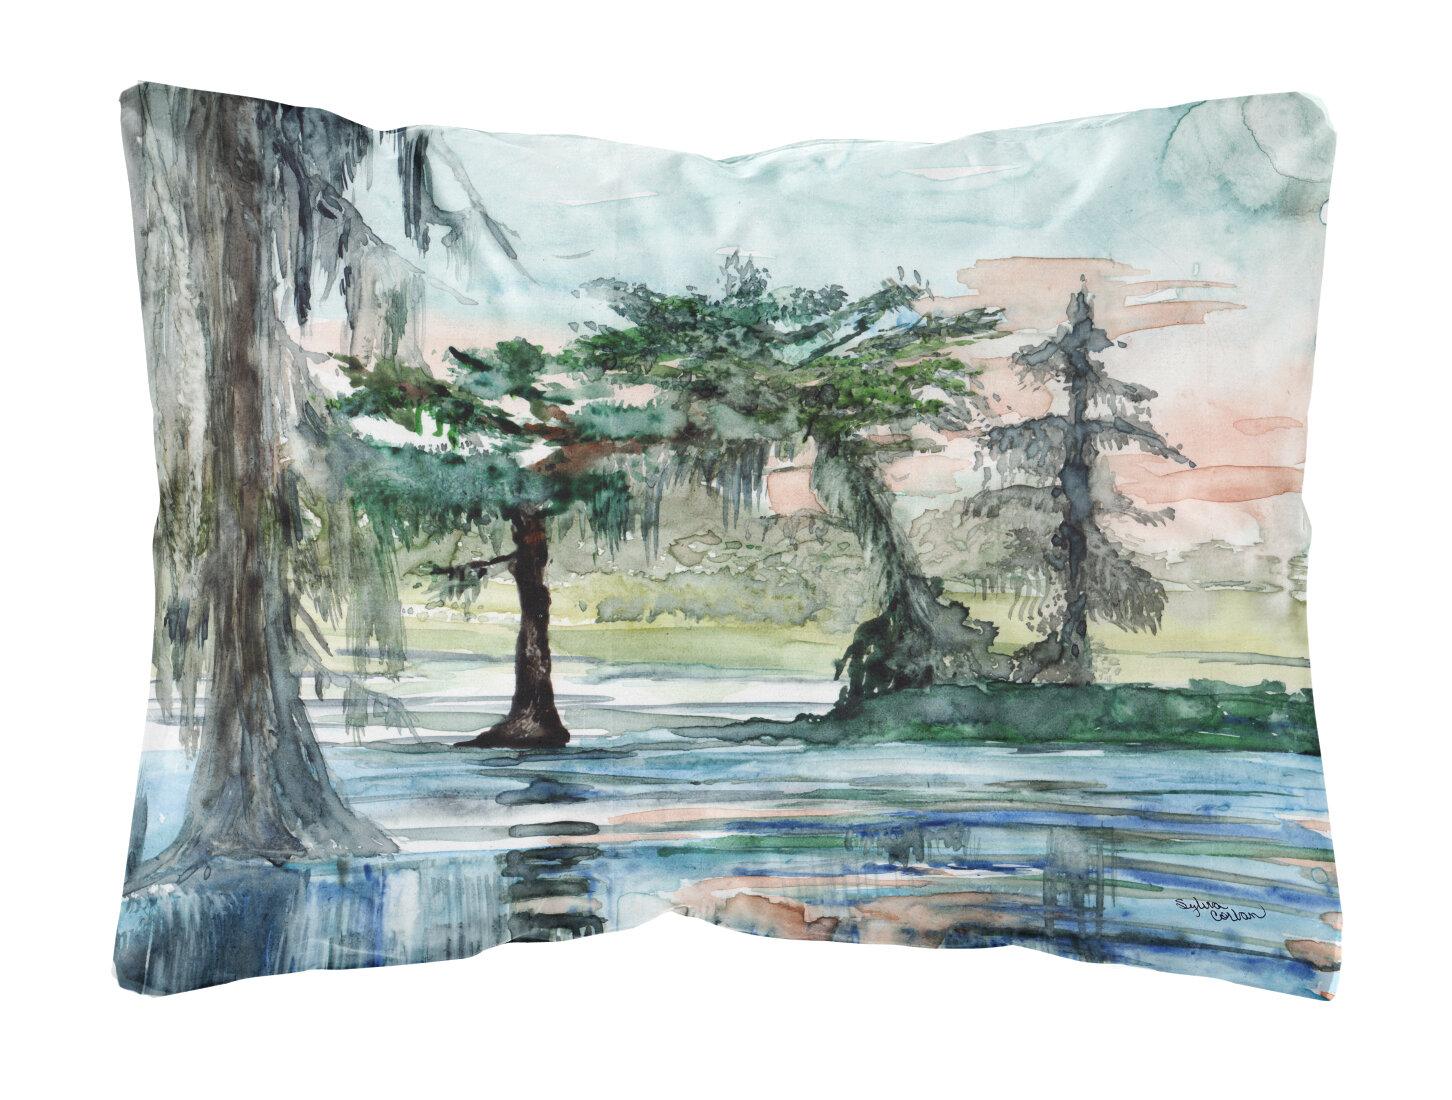 Winston Porter Mardis In The Swamp Fabric Indoor Outdoor Throw Pillow Wayfair